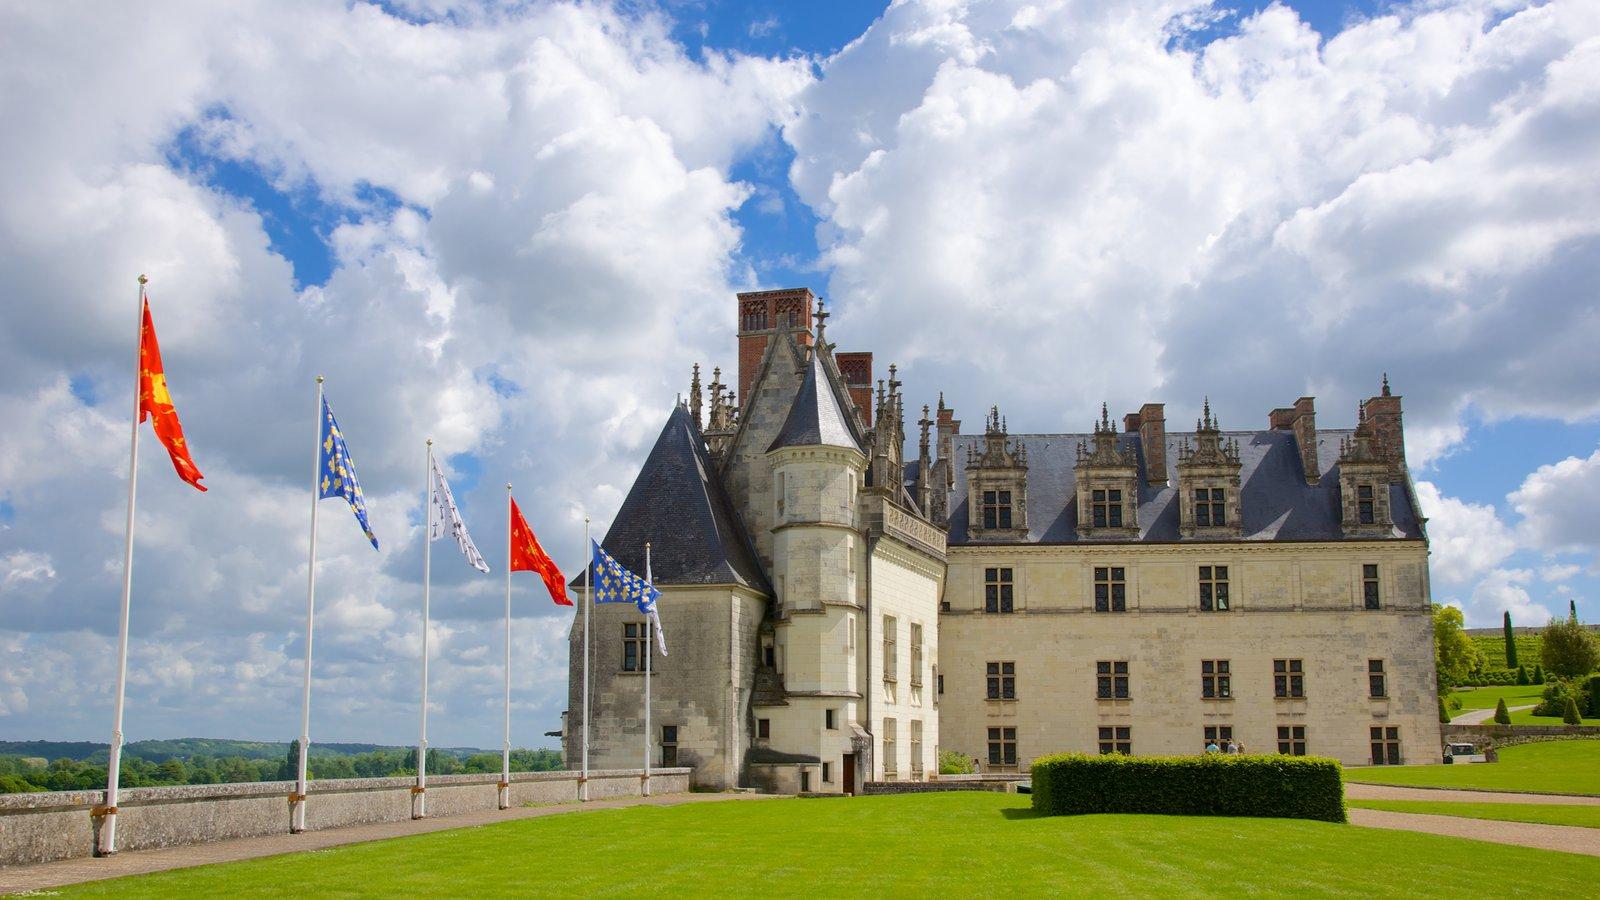 Chateau d\'Amboise caracterizando um parque e um castelo